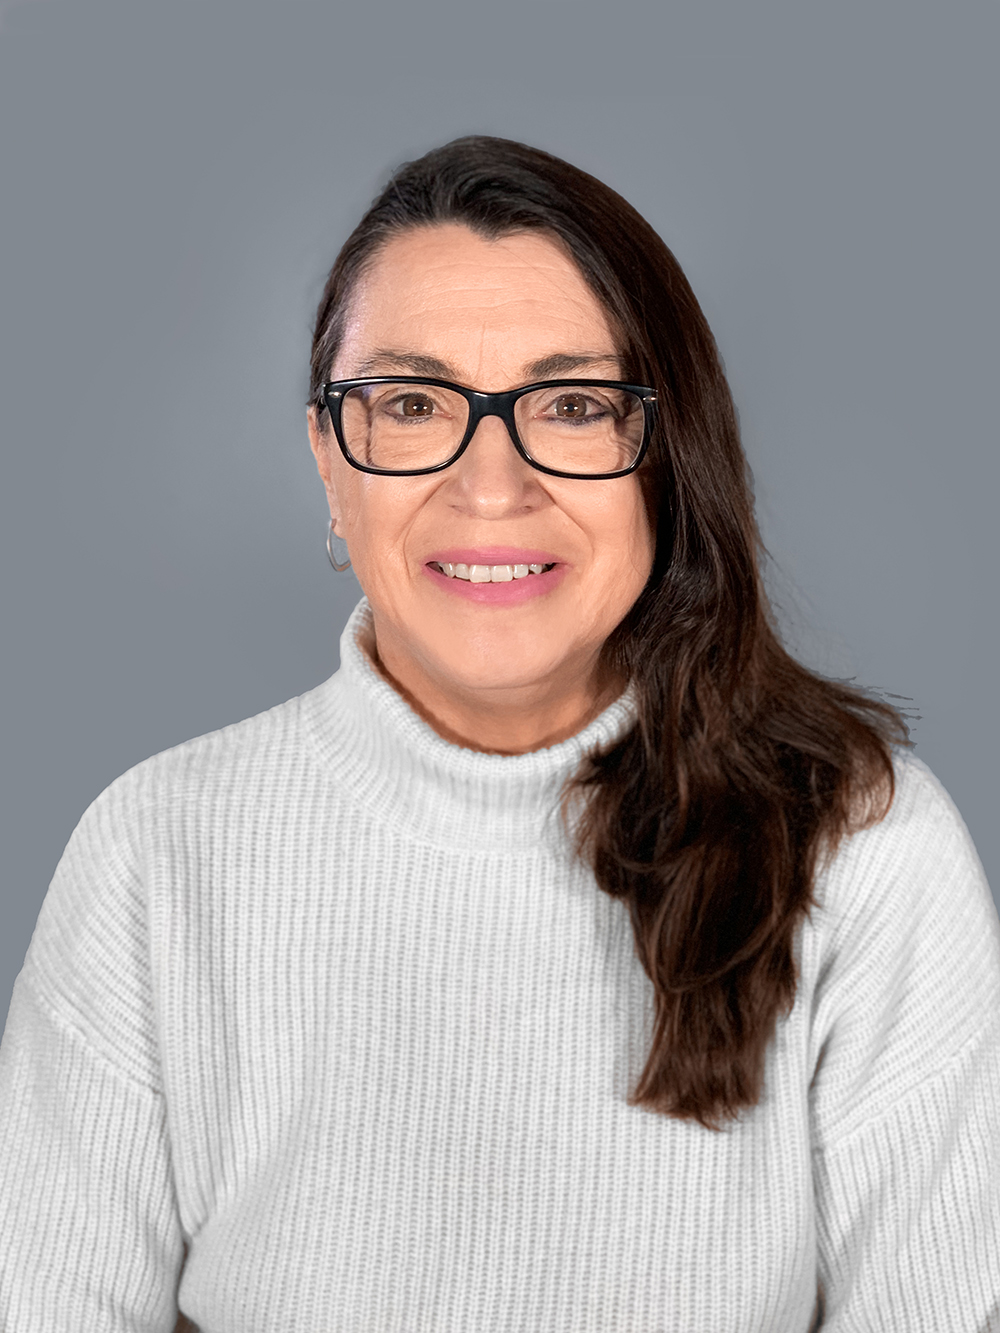 Valérie Forlini, secrétaire médicale